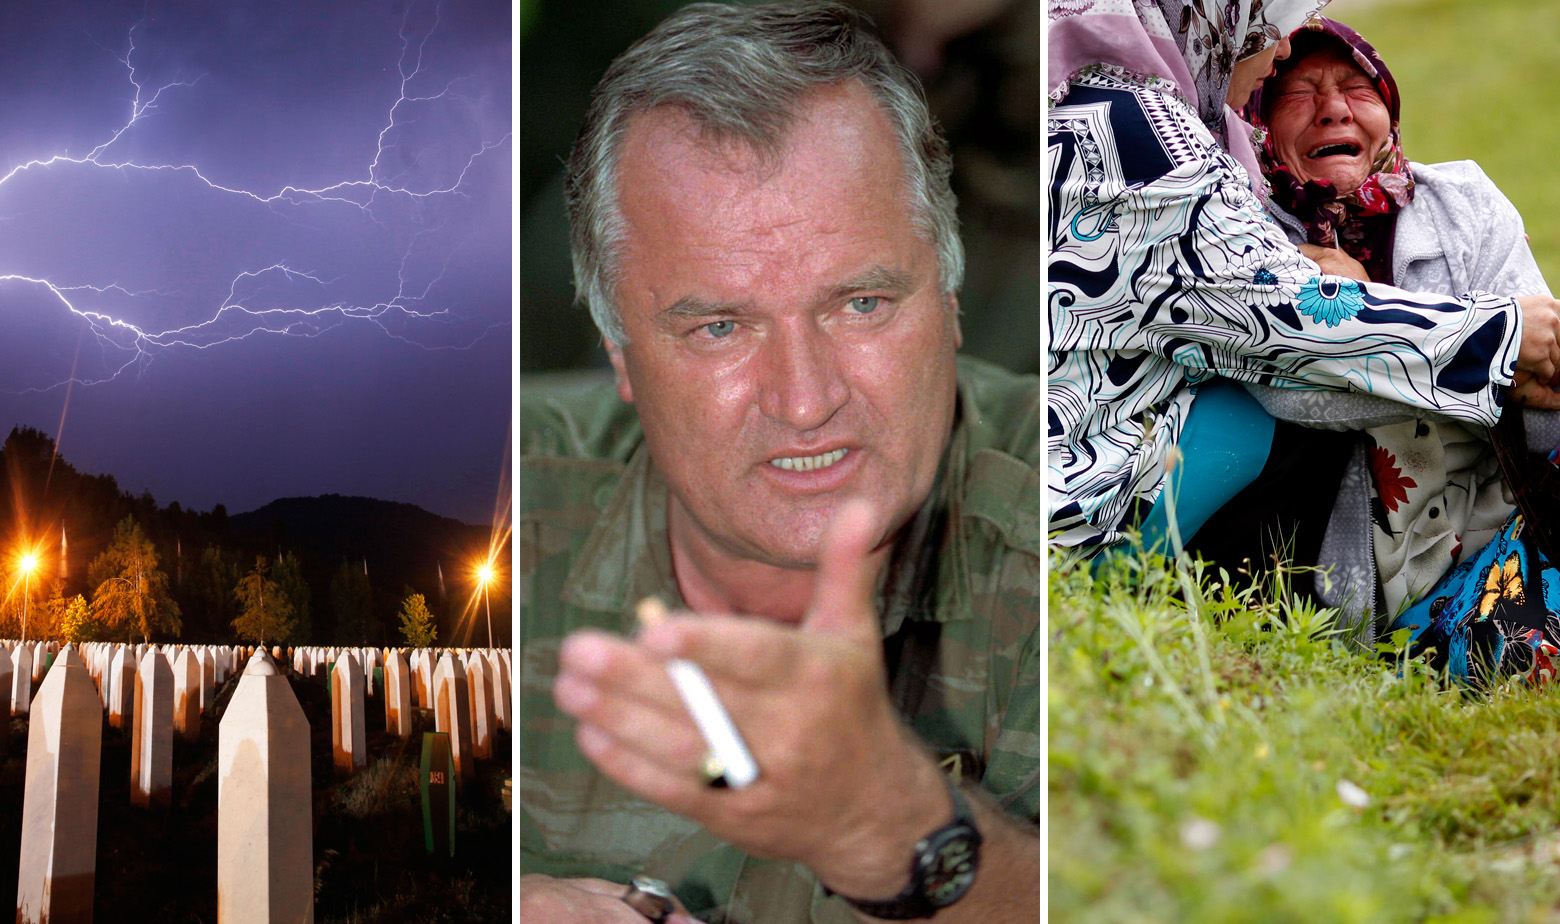 Memorijalni centar u Potočarima pokraj Srebrenice, Ratko Mladić snimljen 1995. i obitelji žrtava genocida u Srebrenici tijekom komemoracije 2014. godine